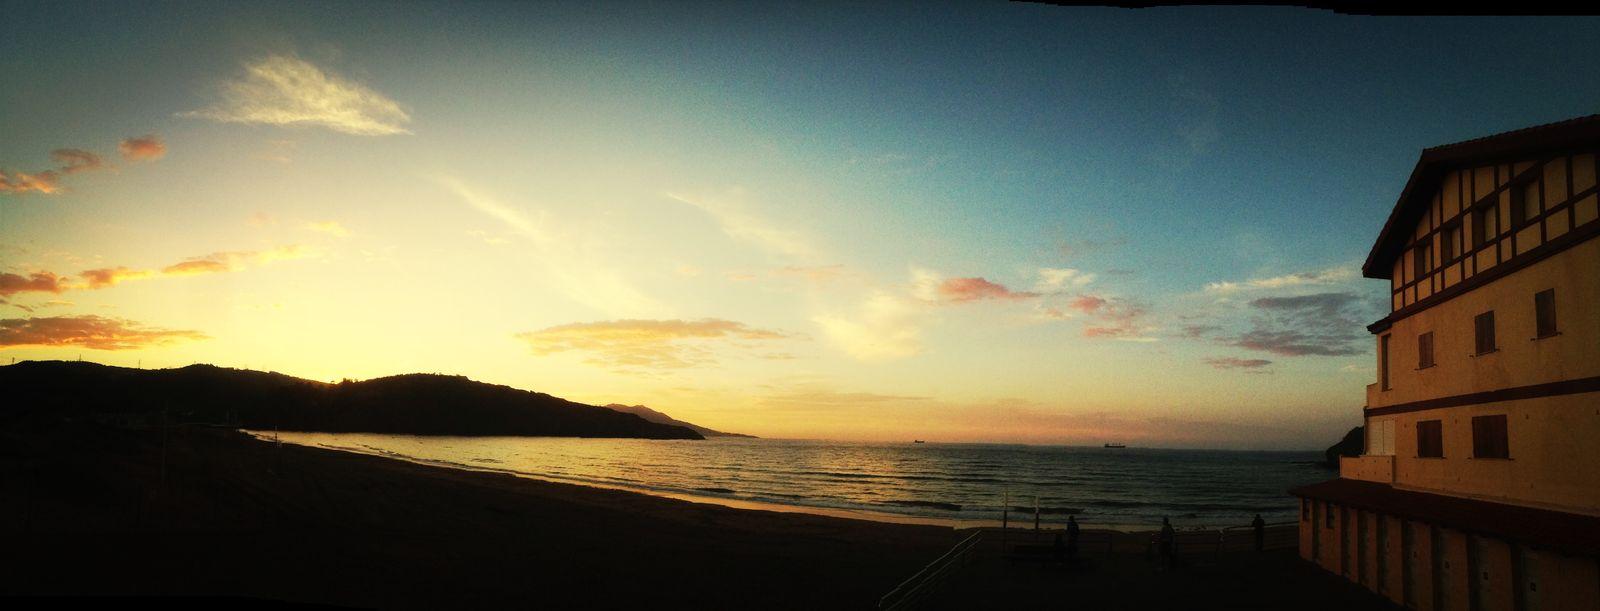 Muskiz Neverendingsummer Beautiful Sunset Life's A Beach Sunlight